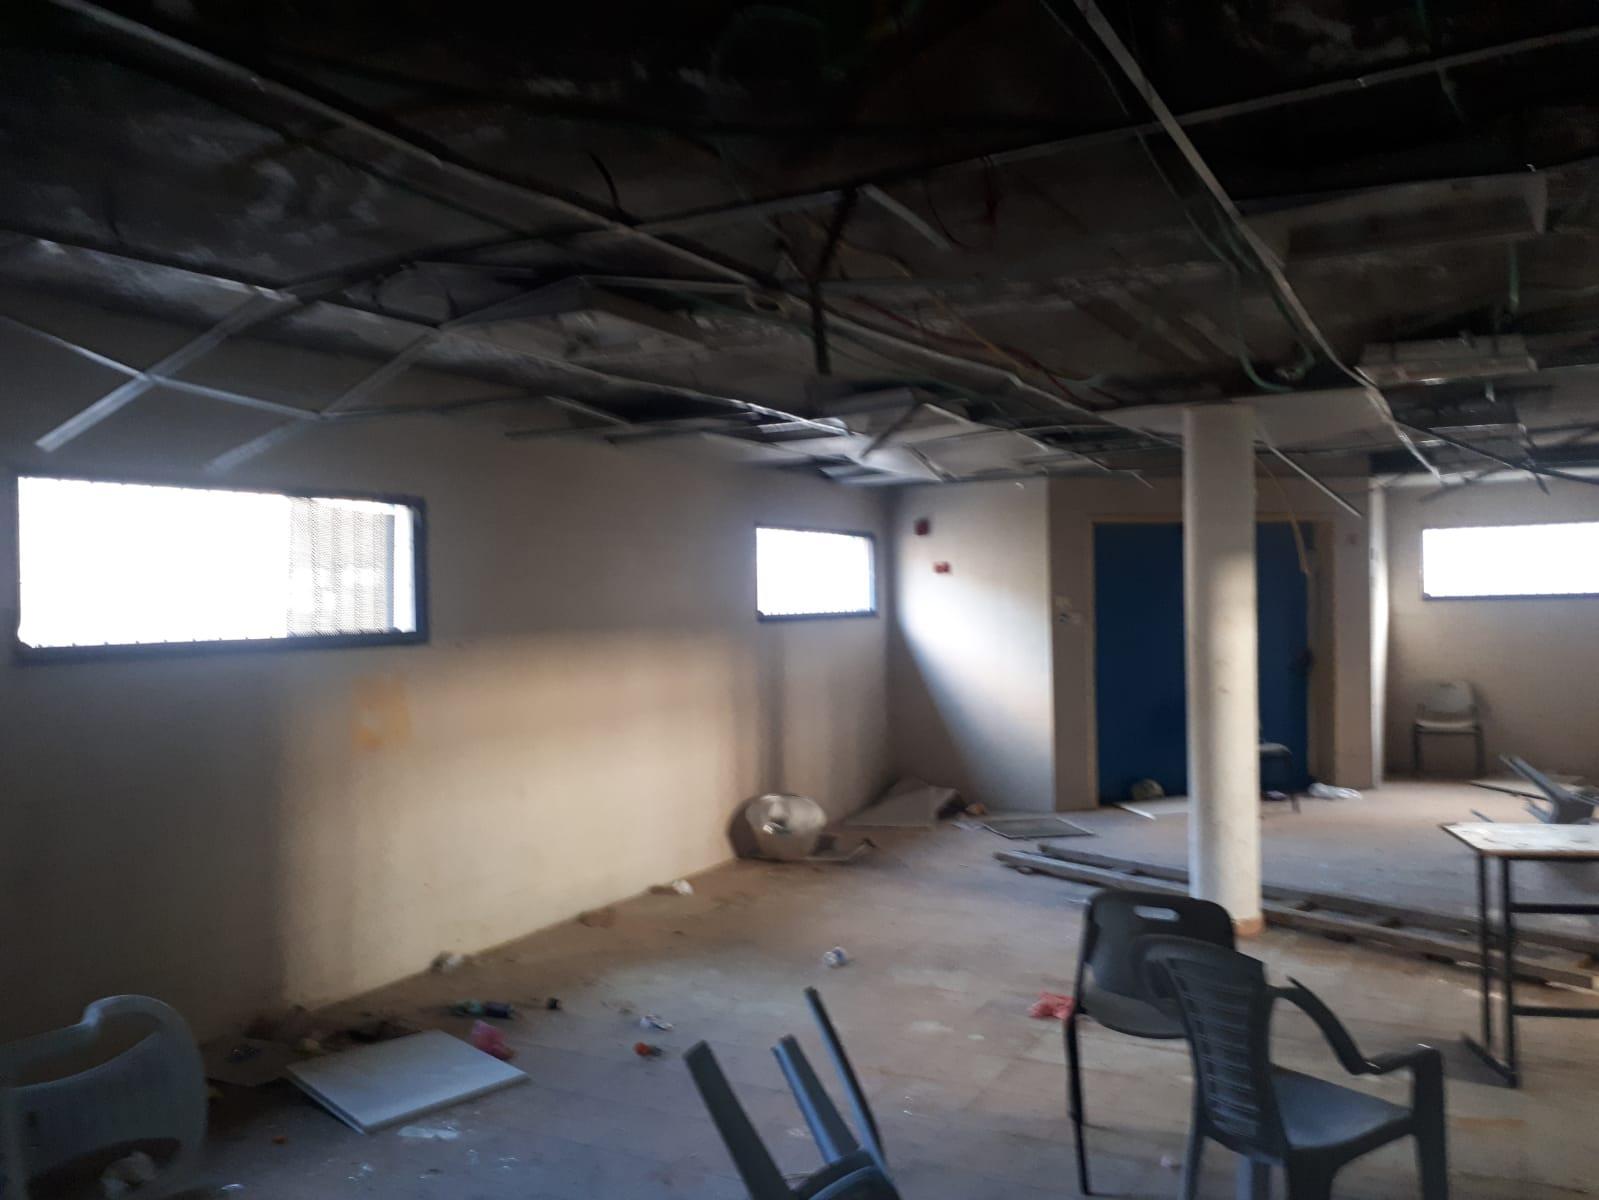 أم الفحم: تخريب في قاعة مدرسة الرازي